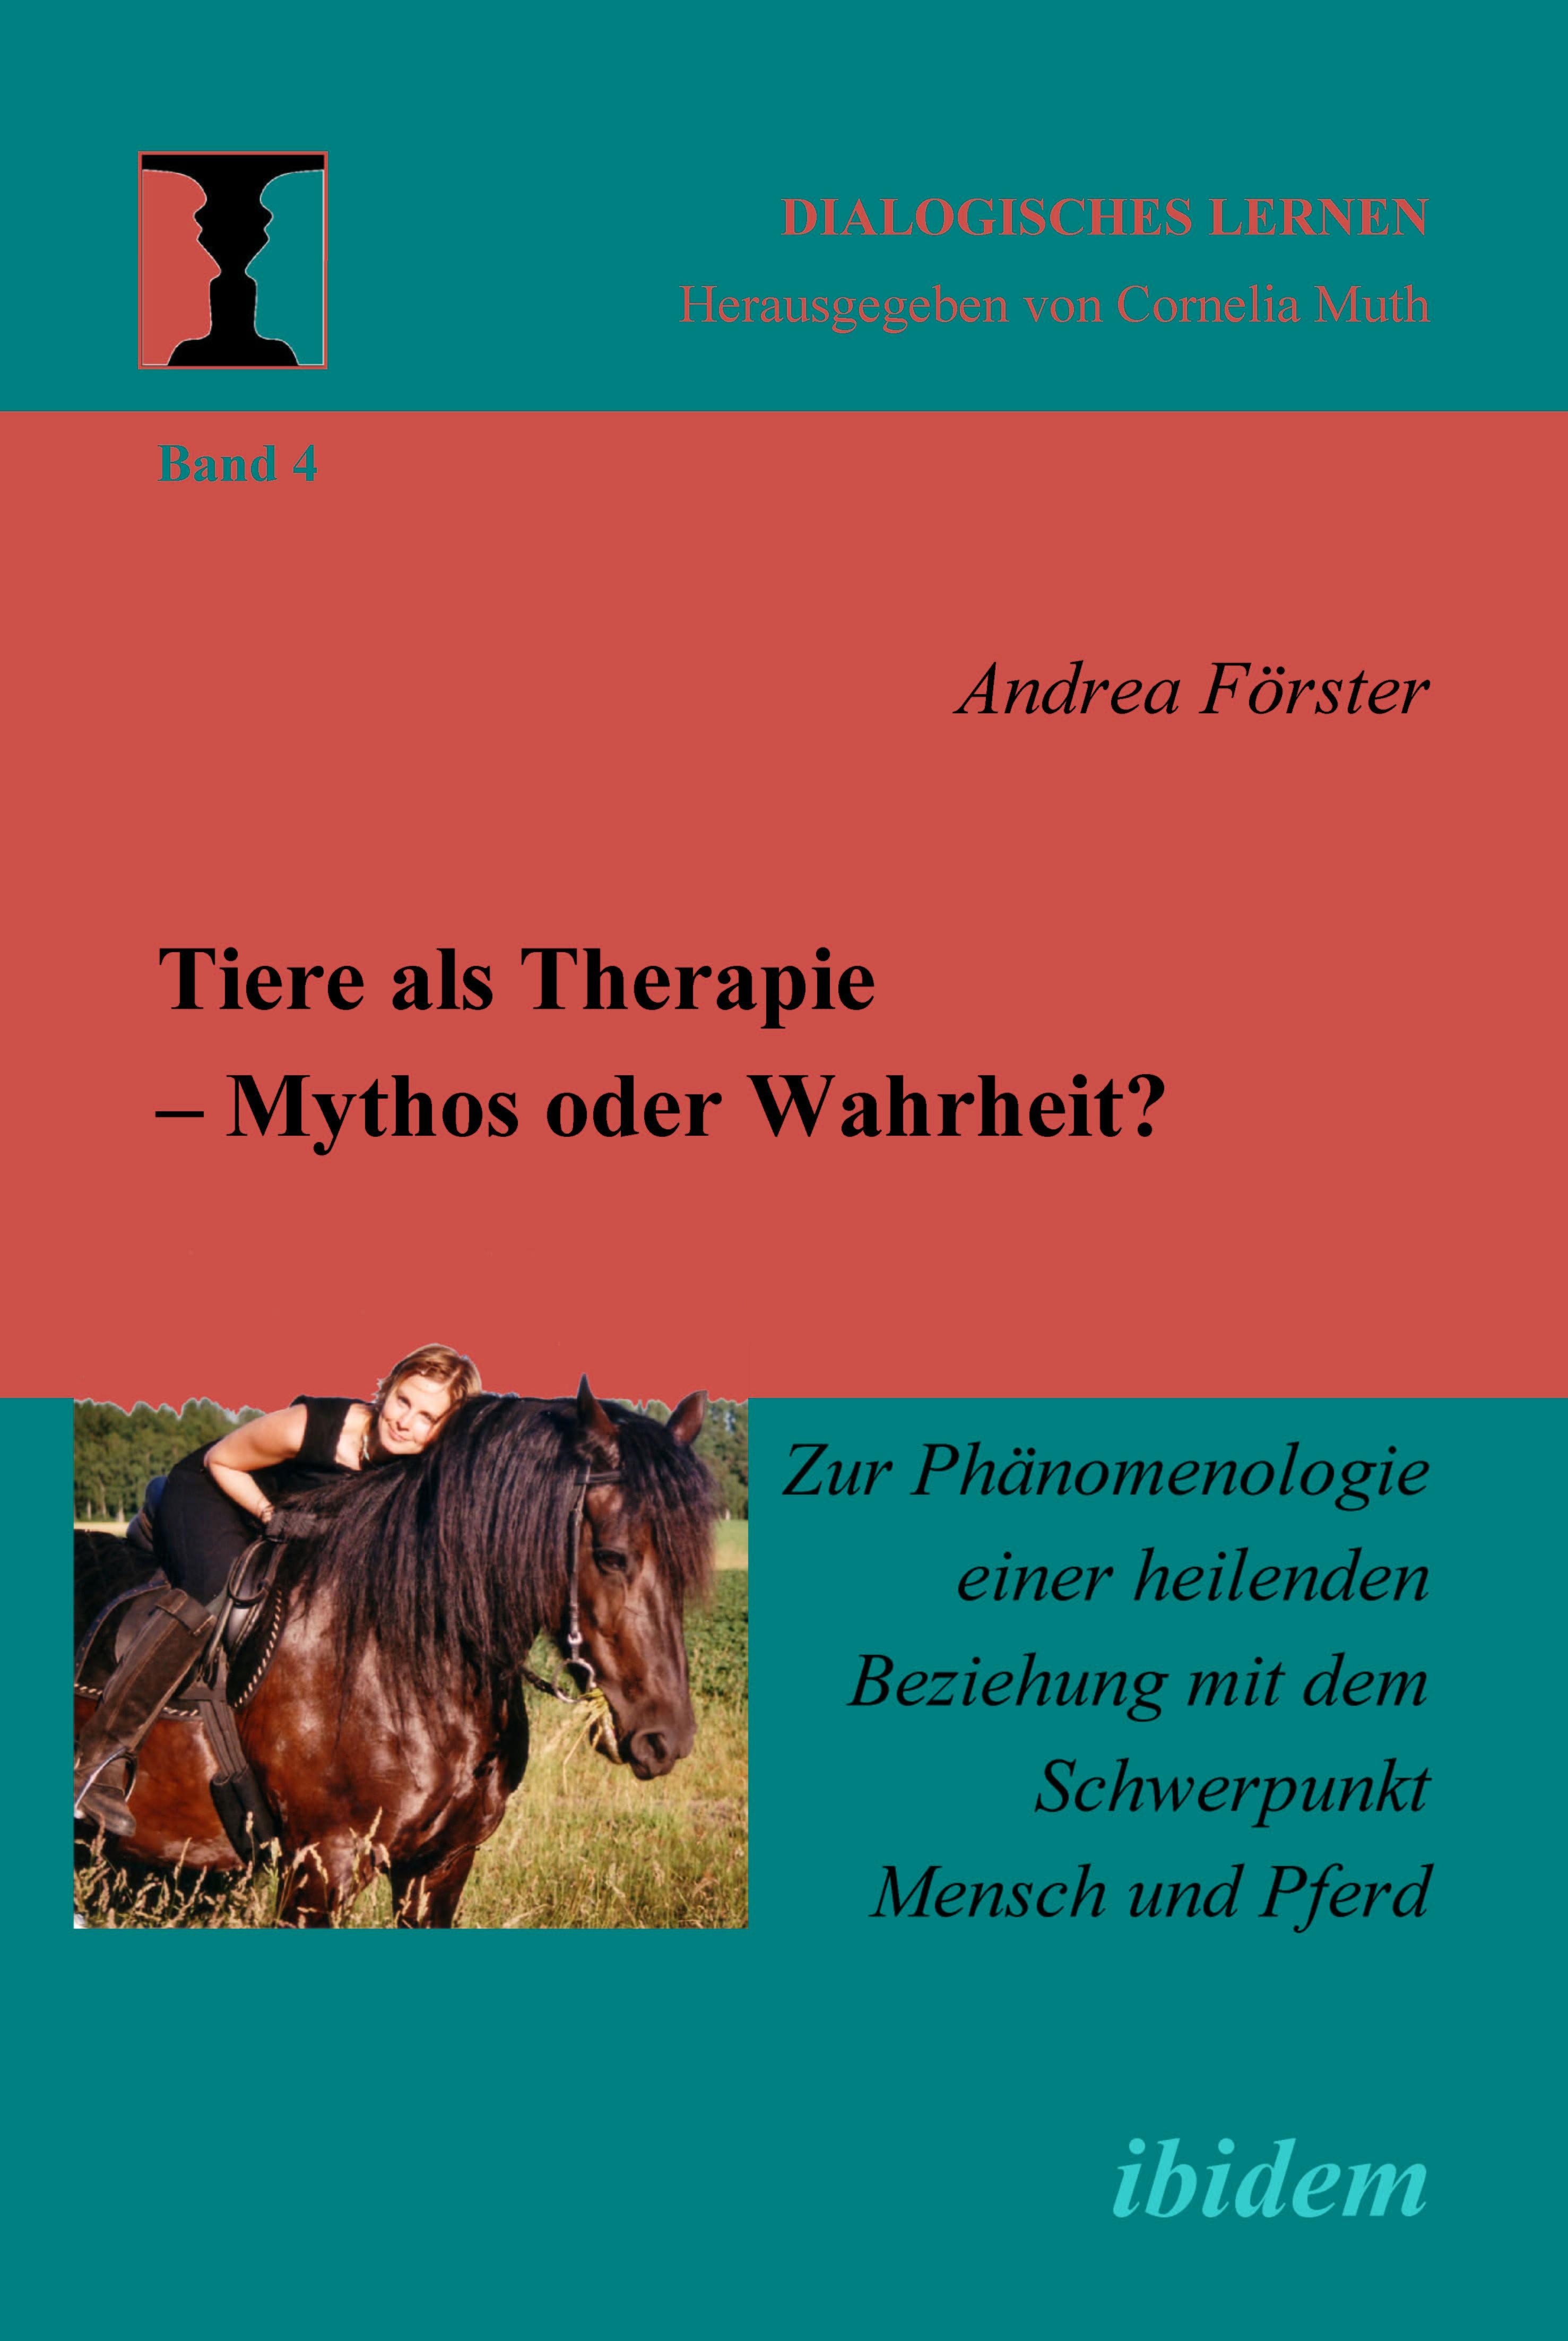 Tiere als Therapie – Mythos oder Wahrheit?